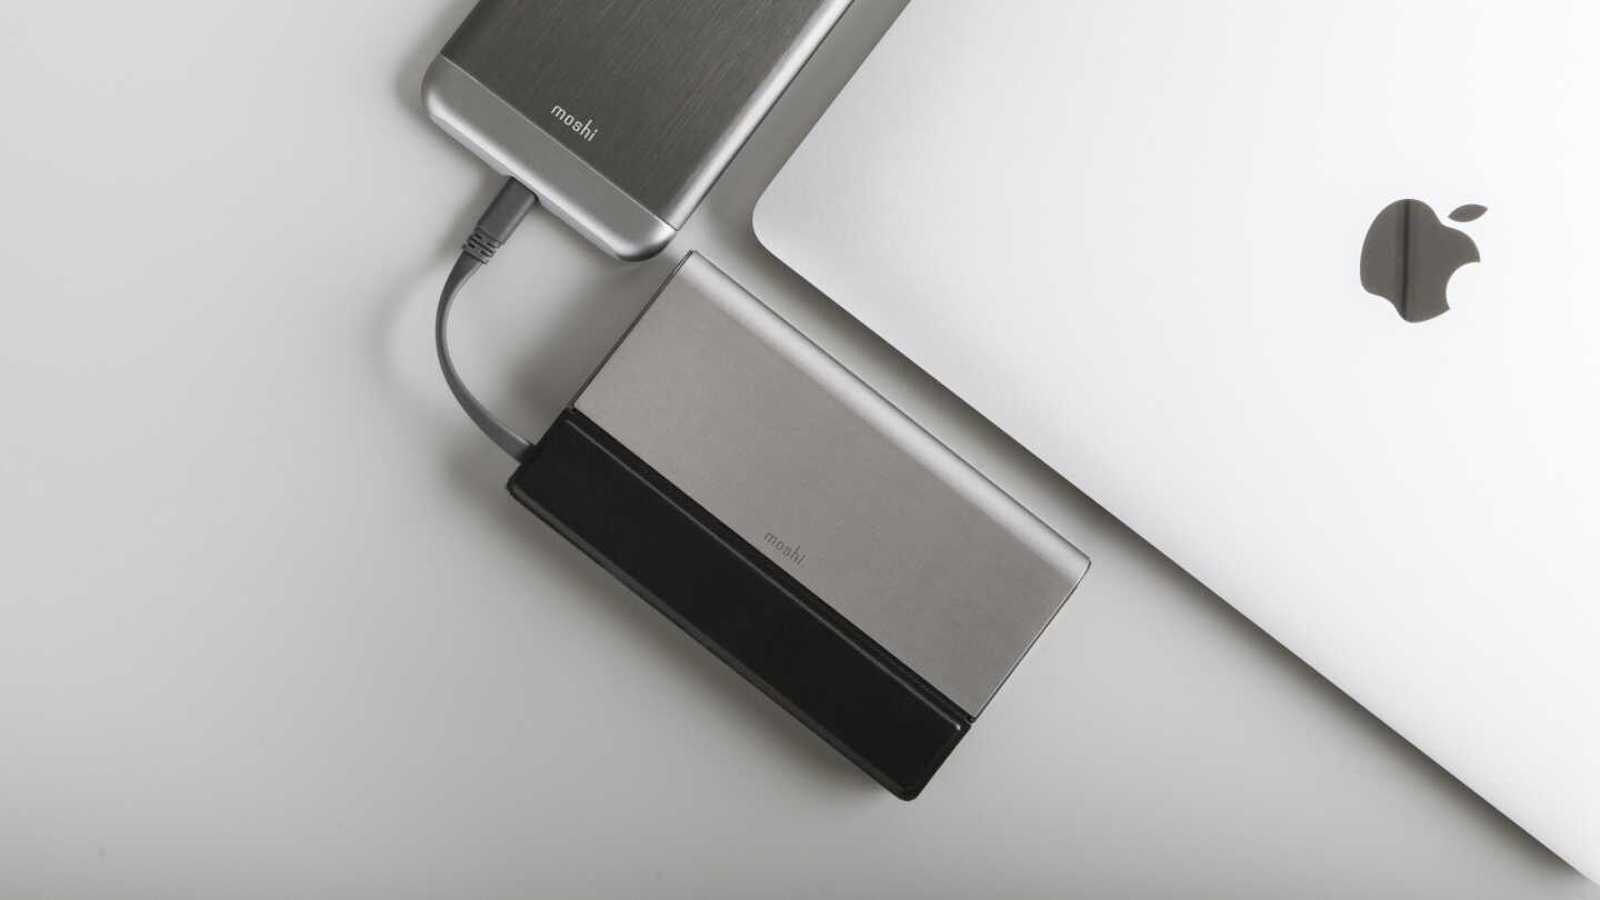 Moshi-IonBank-10K-Portable-Battery-01.jpeg